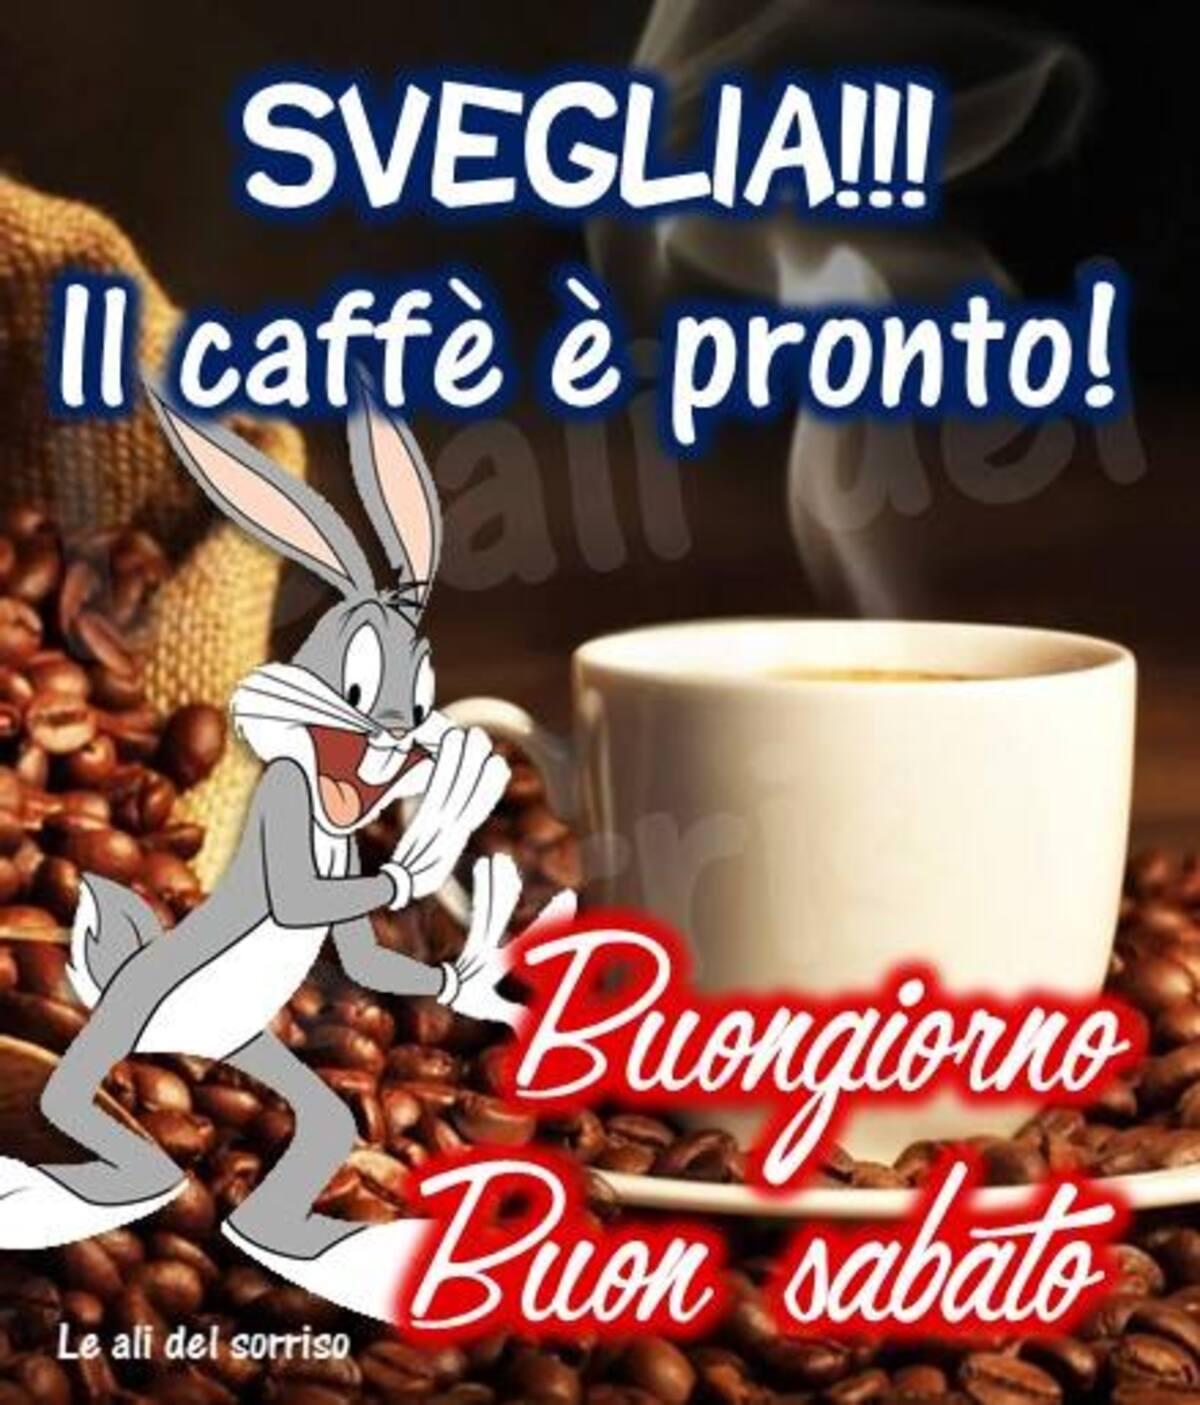 SVEGLIA!!! Il caffè  è pronto! Buongiorno Buon Sabato - Bugs Bunny